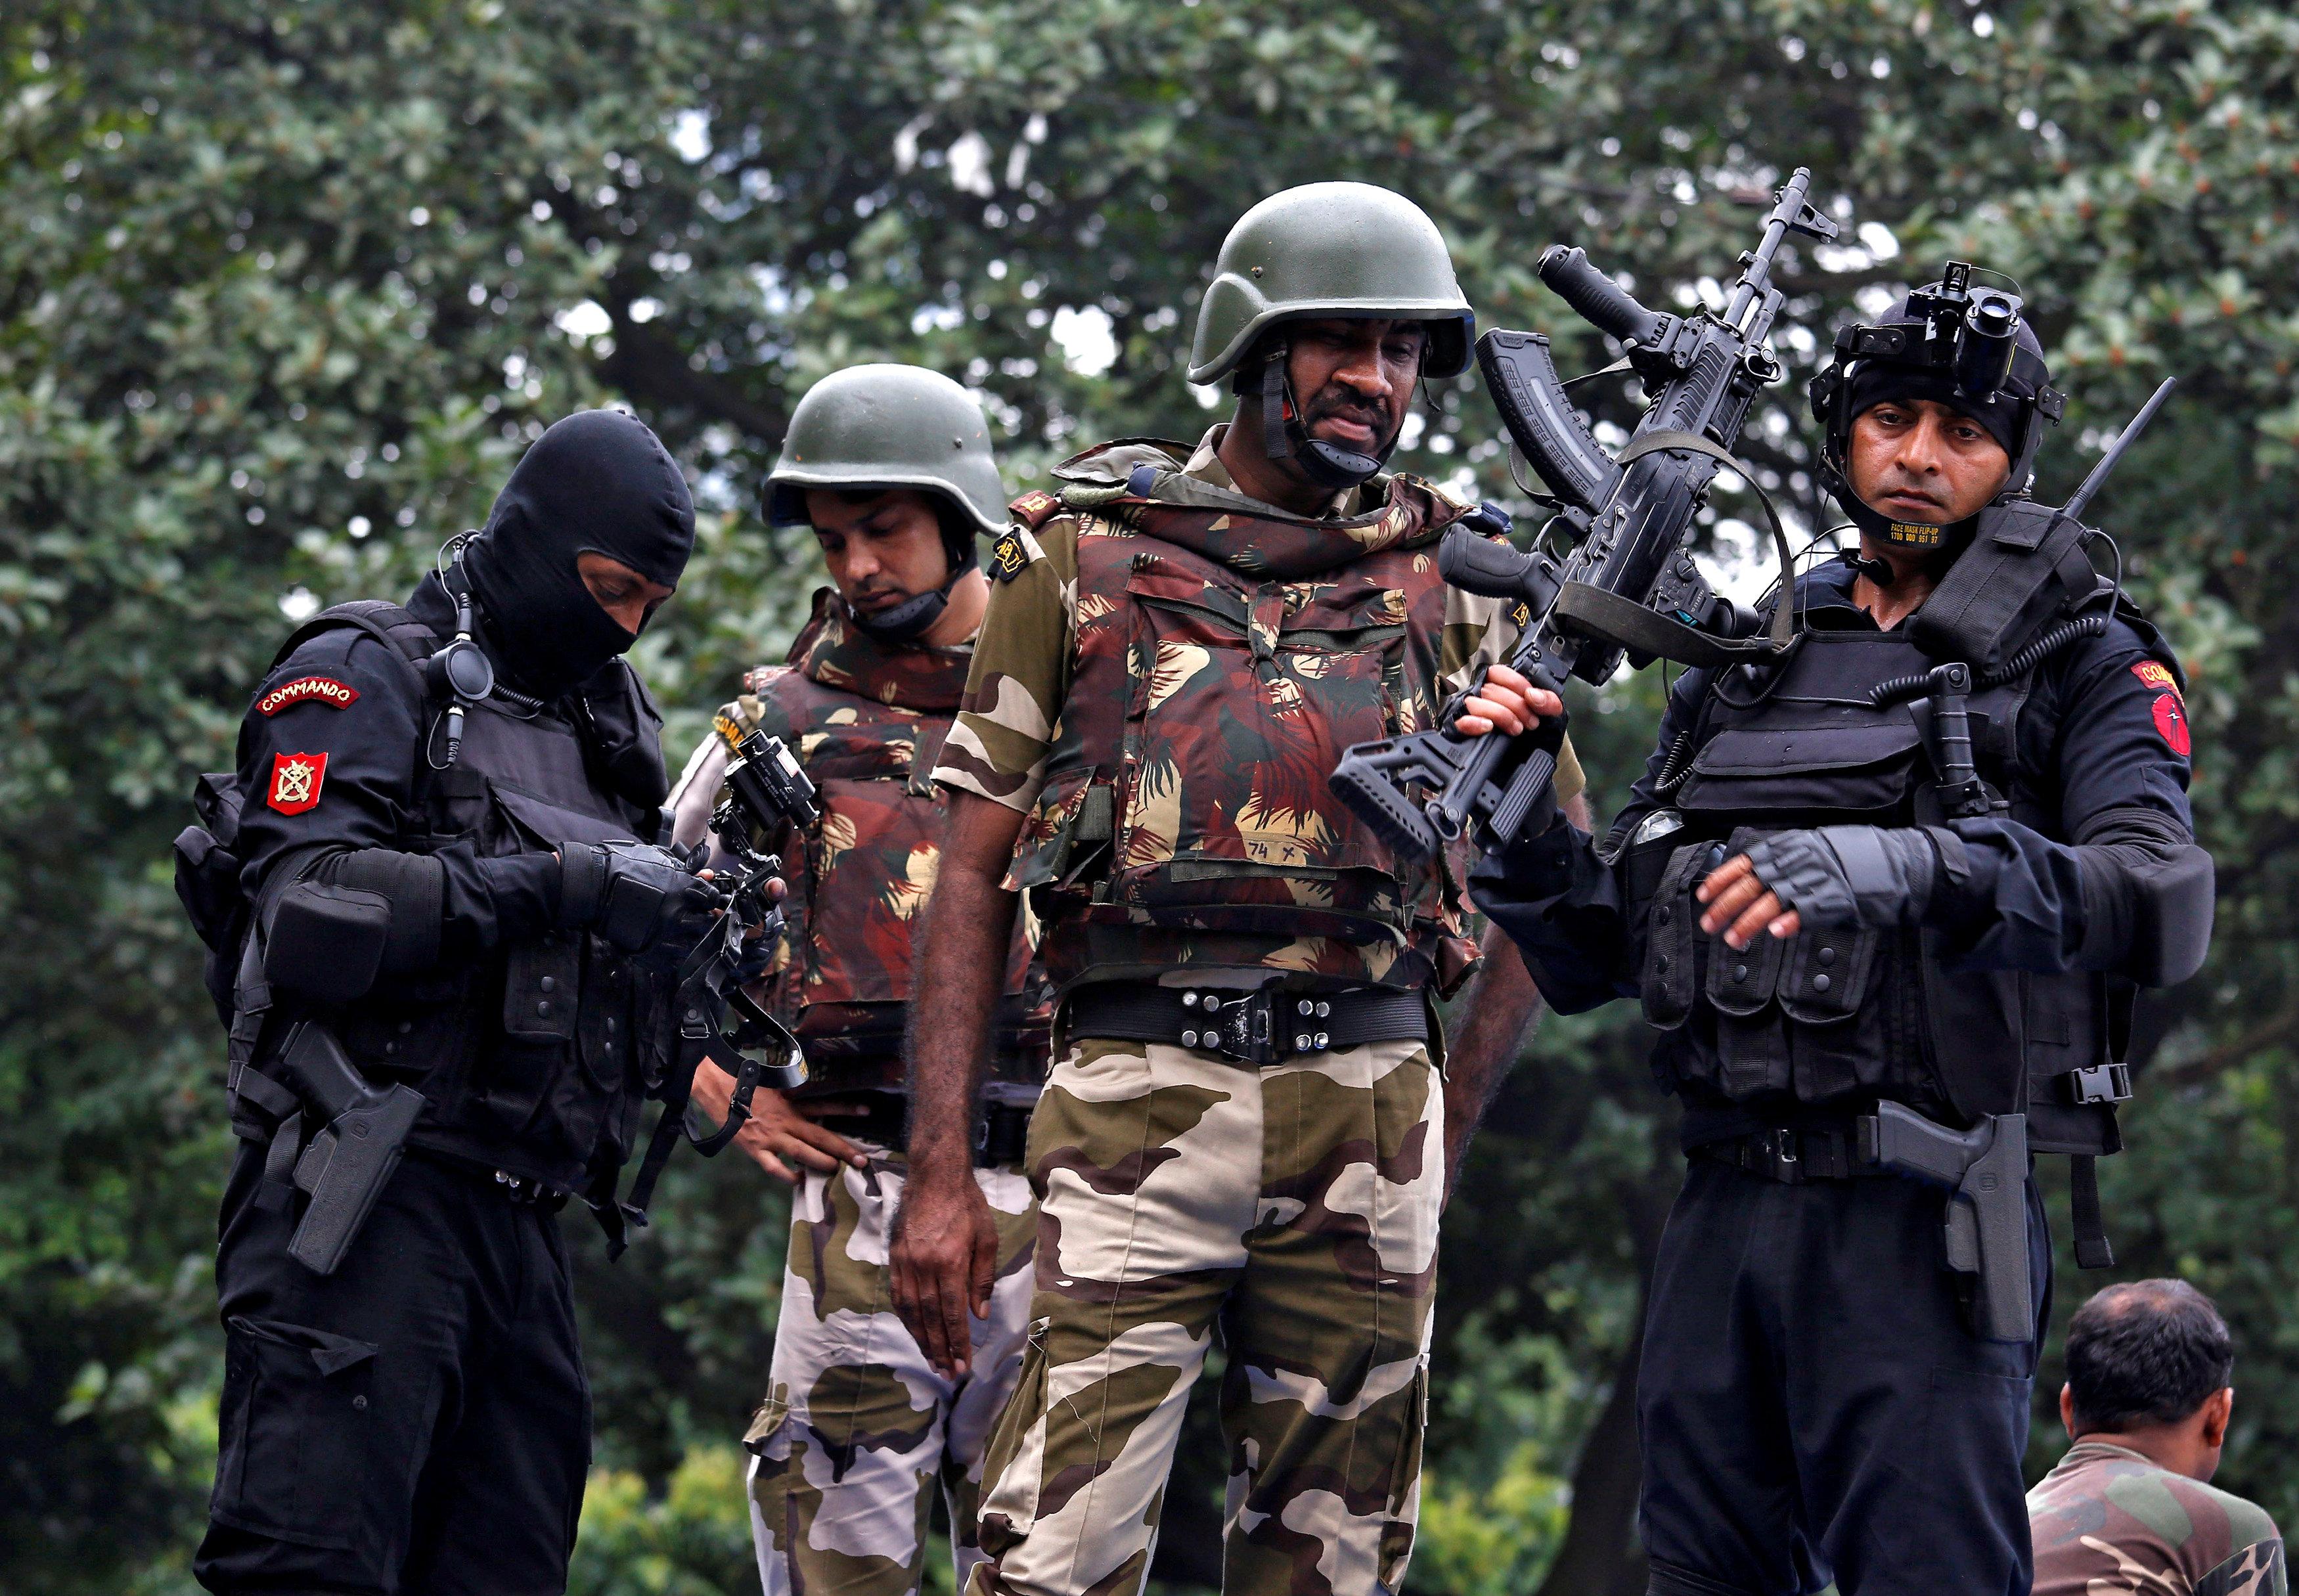 القوات الخاصة الهندية